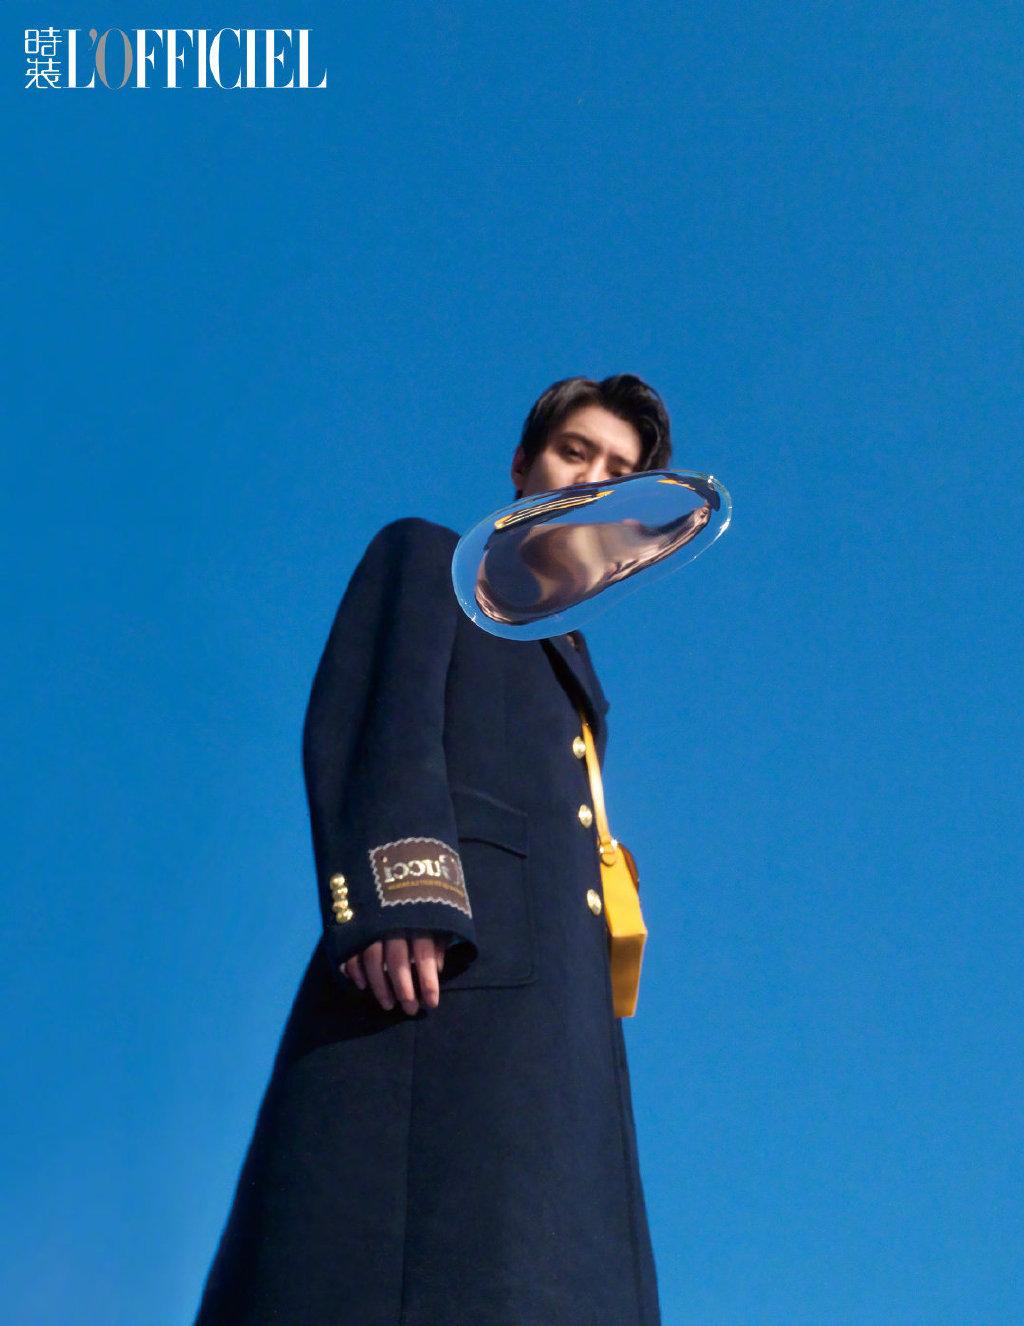 鹿晗穿着文艺复古的Gucci服饰,在初夏湖畔,宛若初见的少年模样